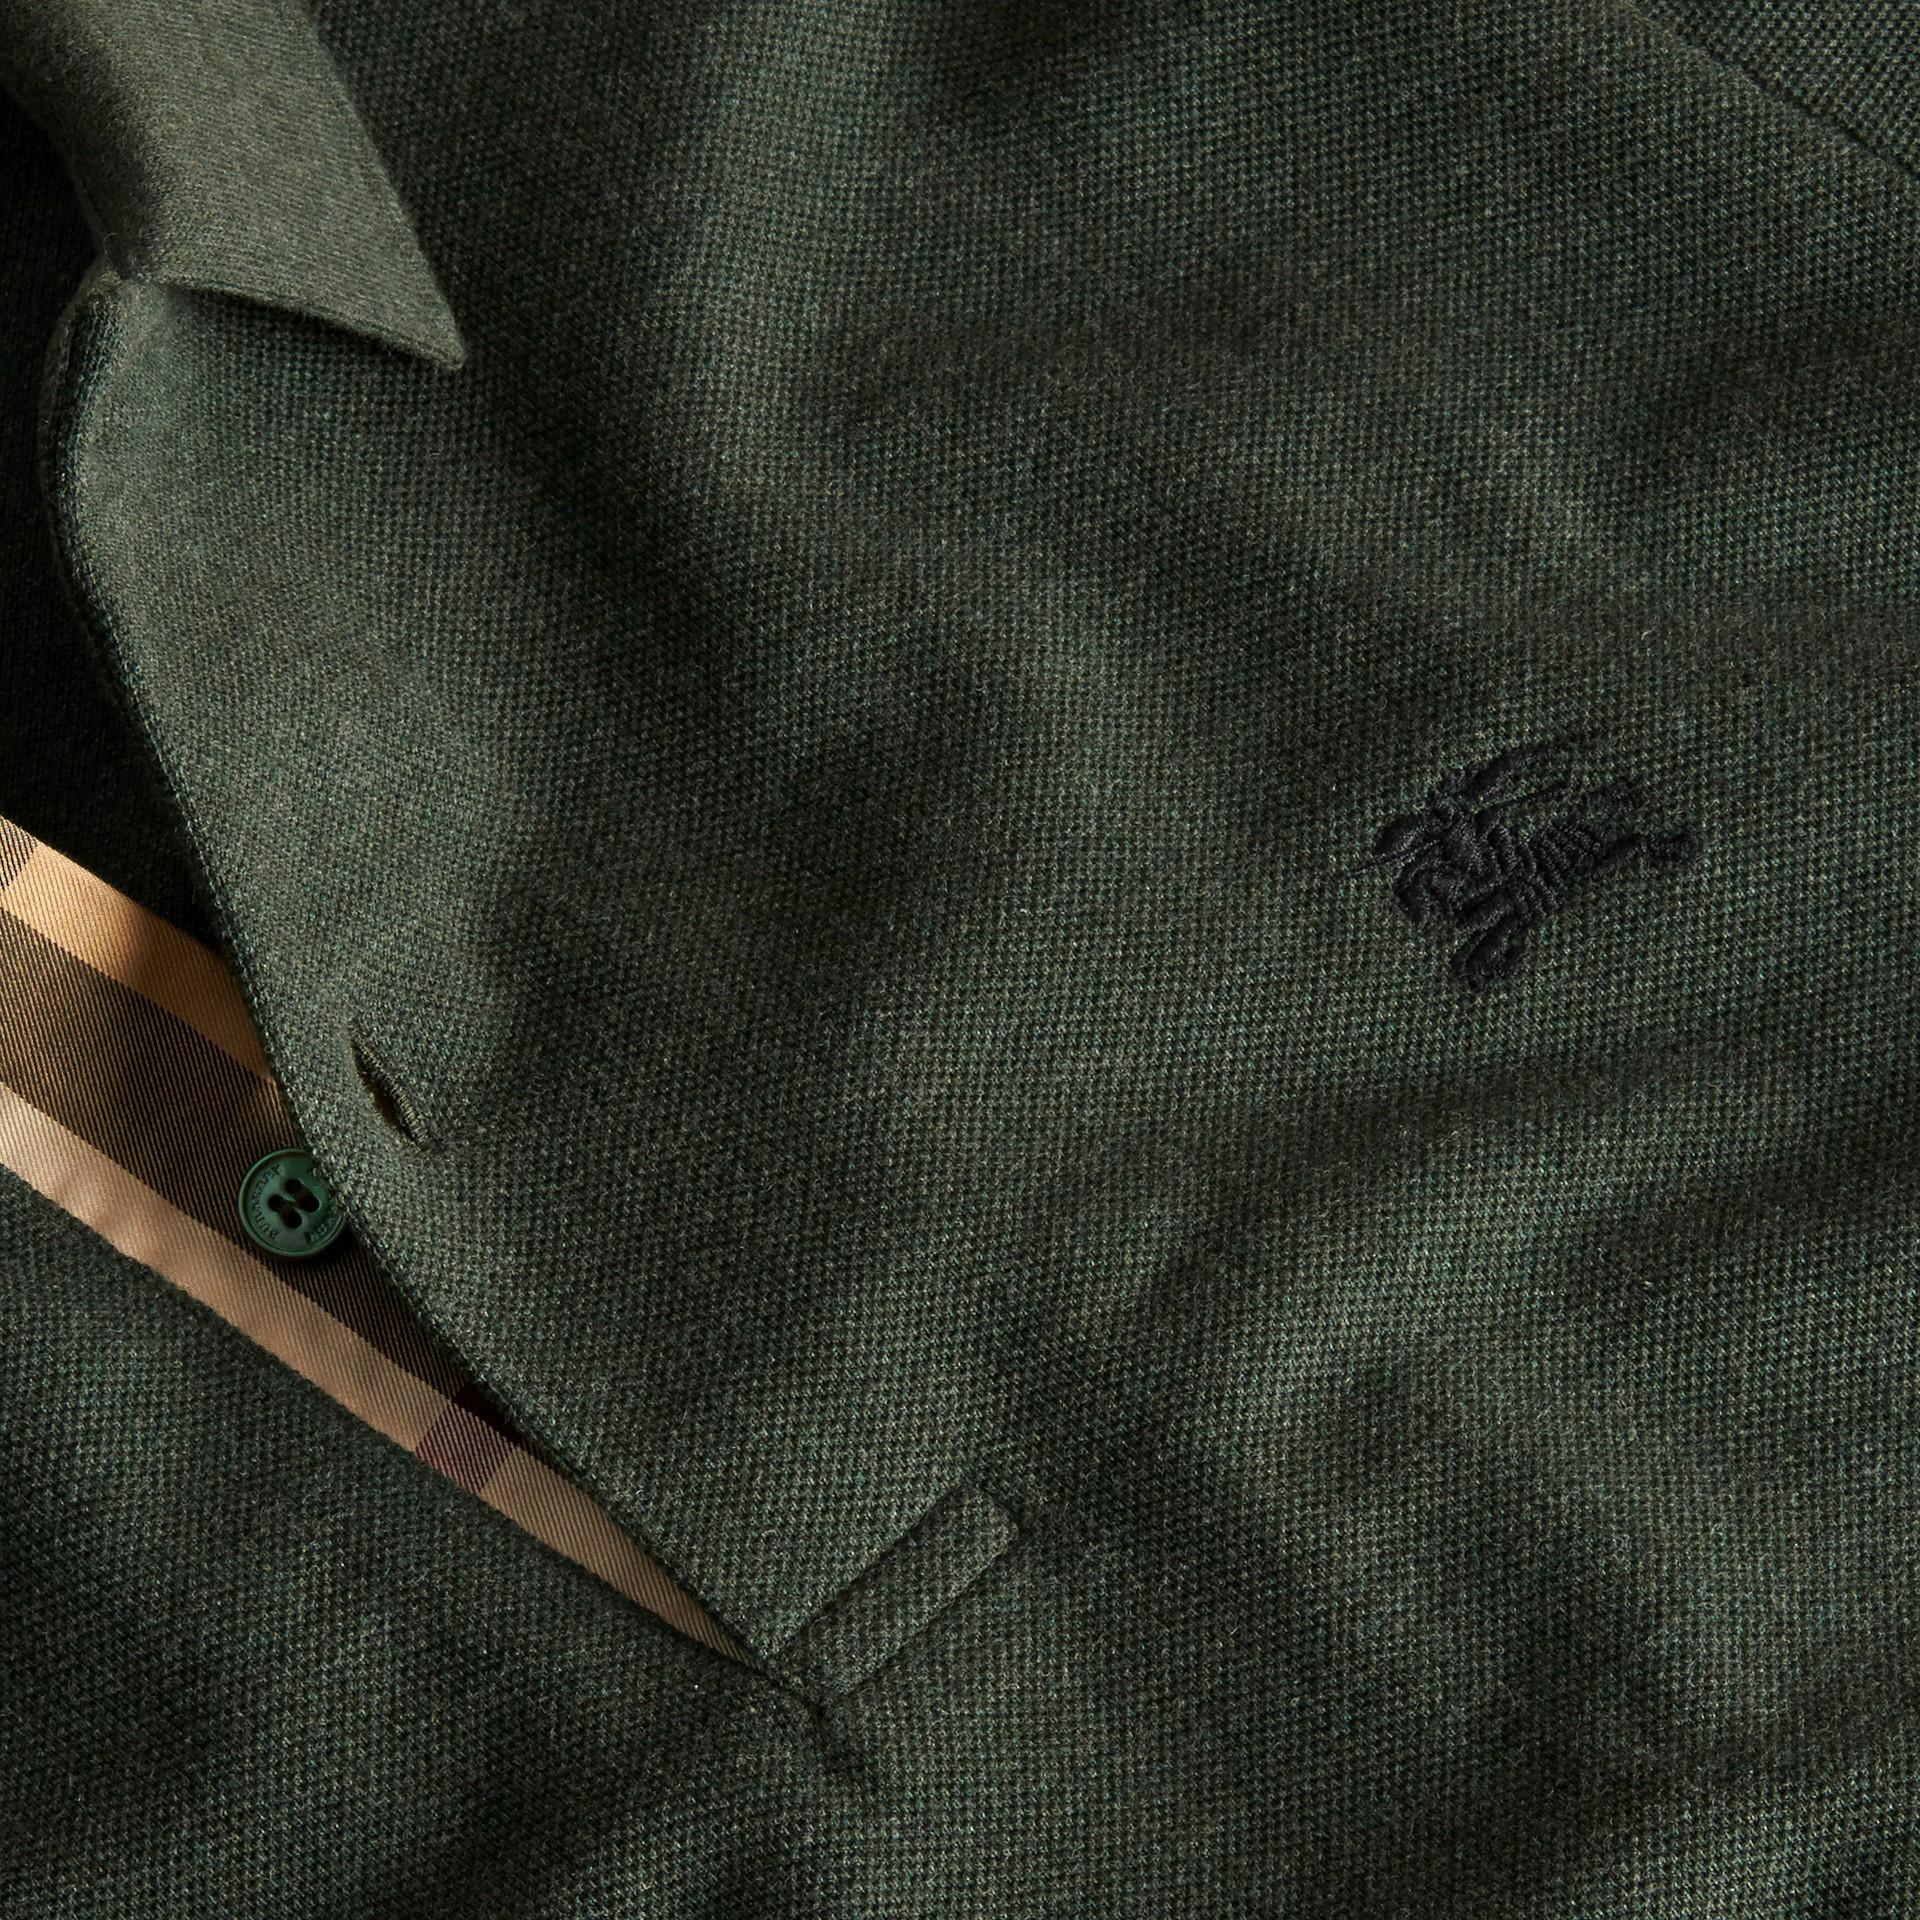 Camaïeu de verts racing Polo en piqué de coton avec patte à motif check Camaïeu  Verts Racing - photo de la galerie 2